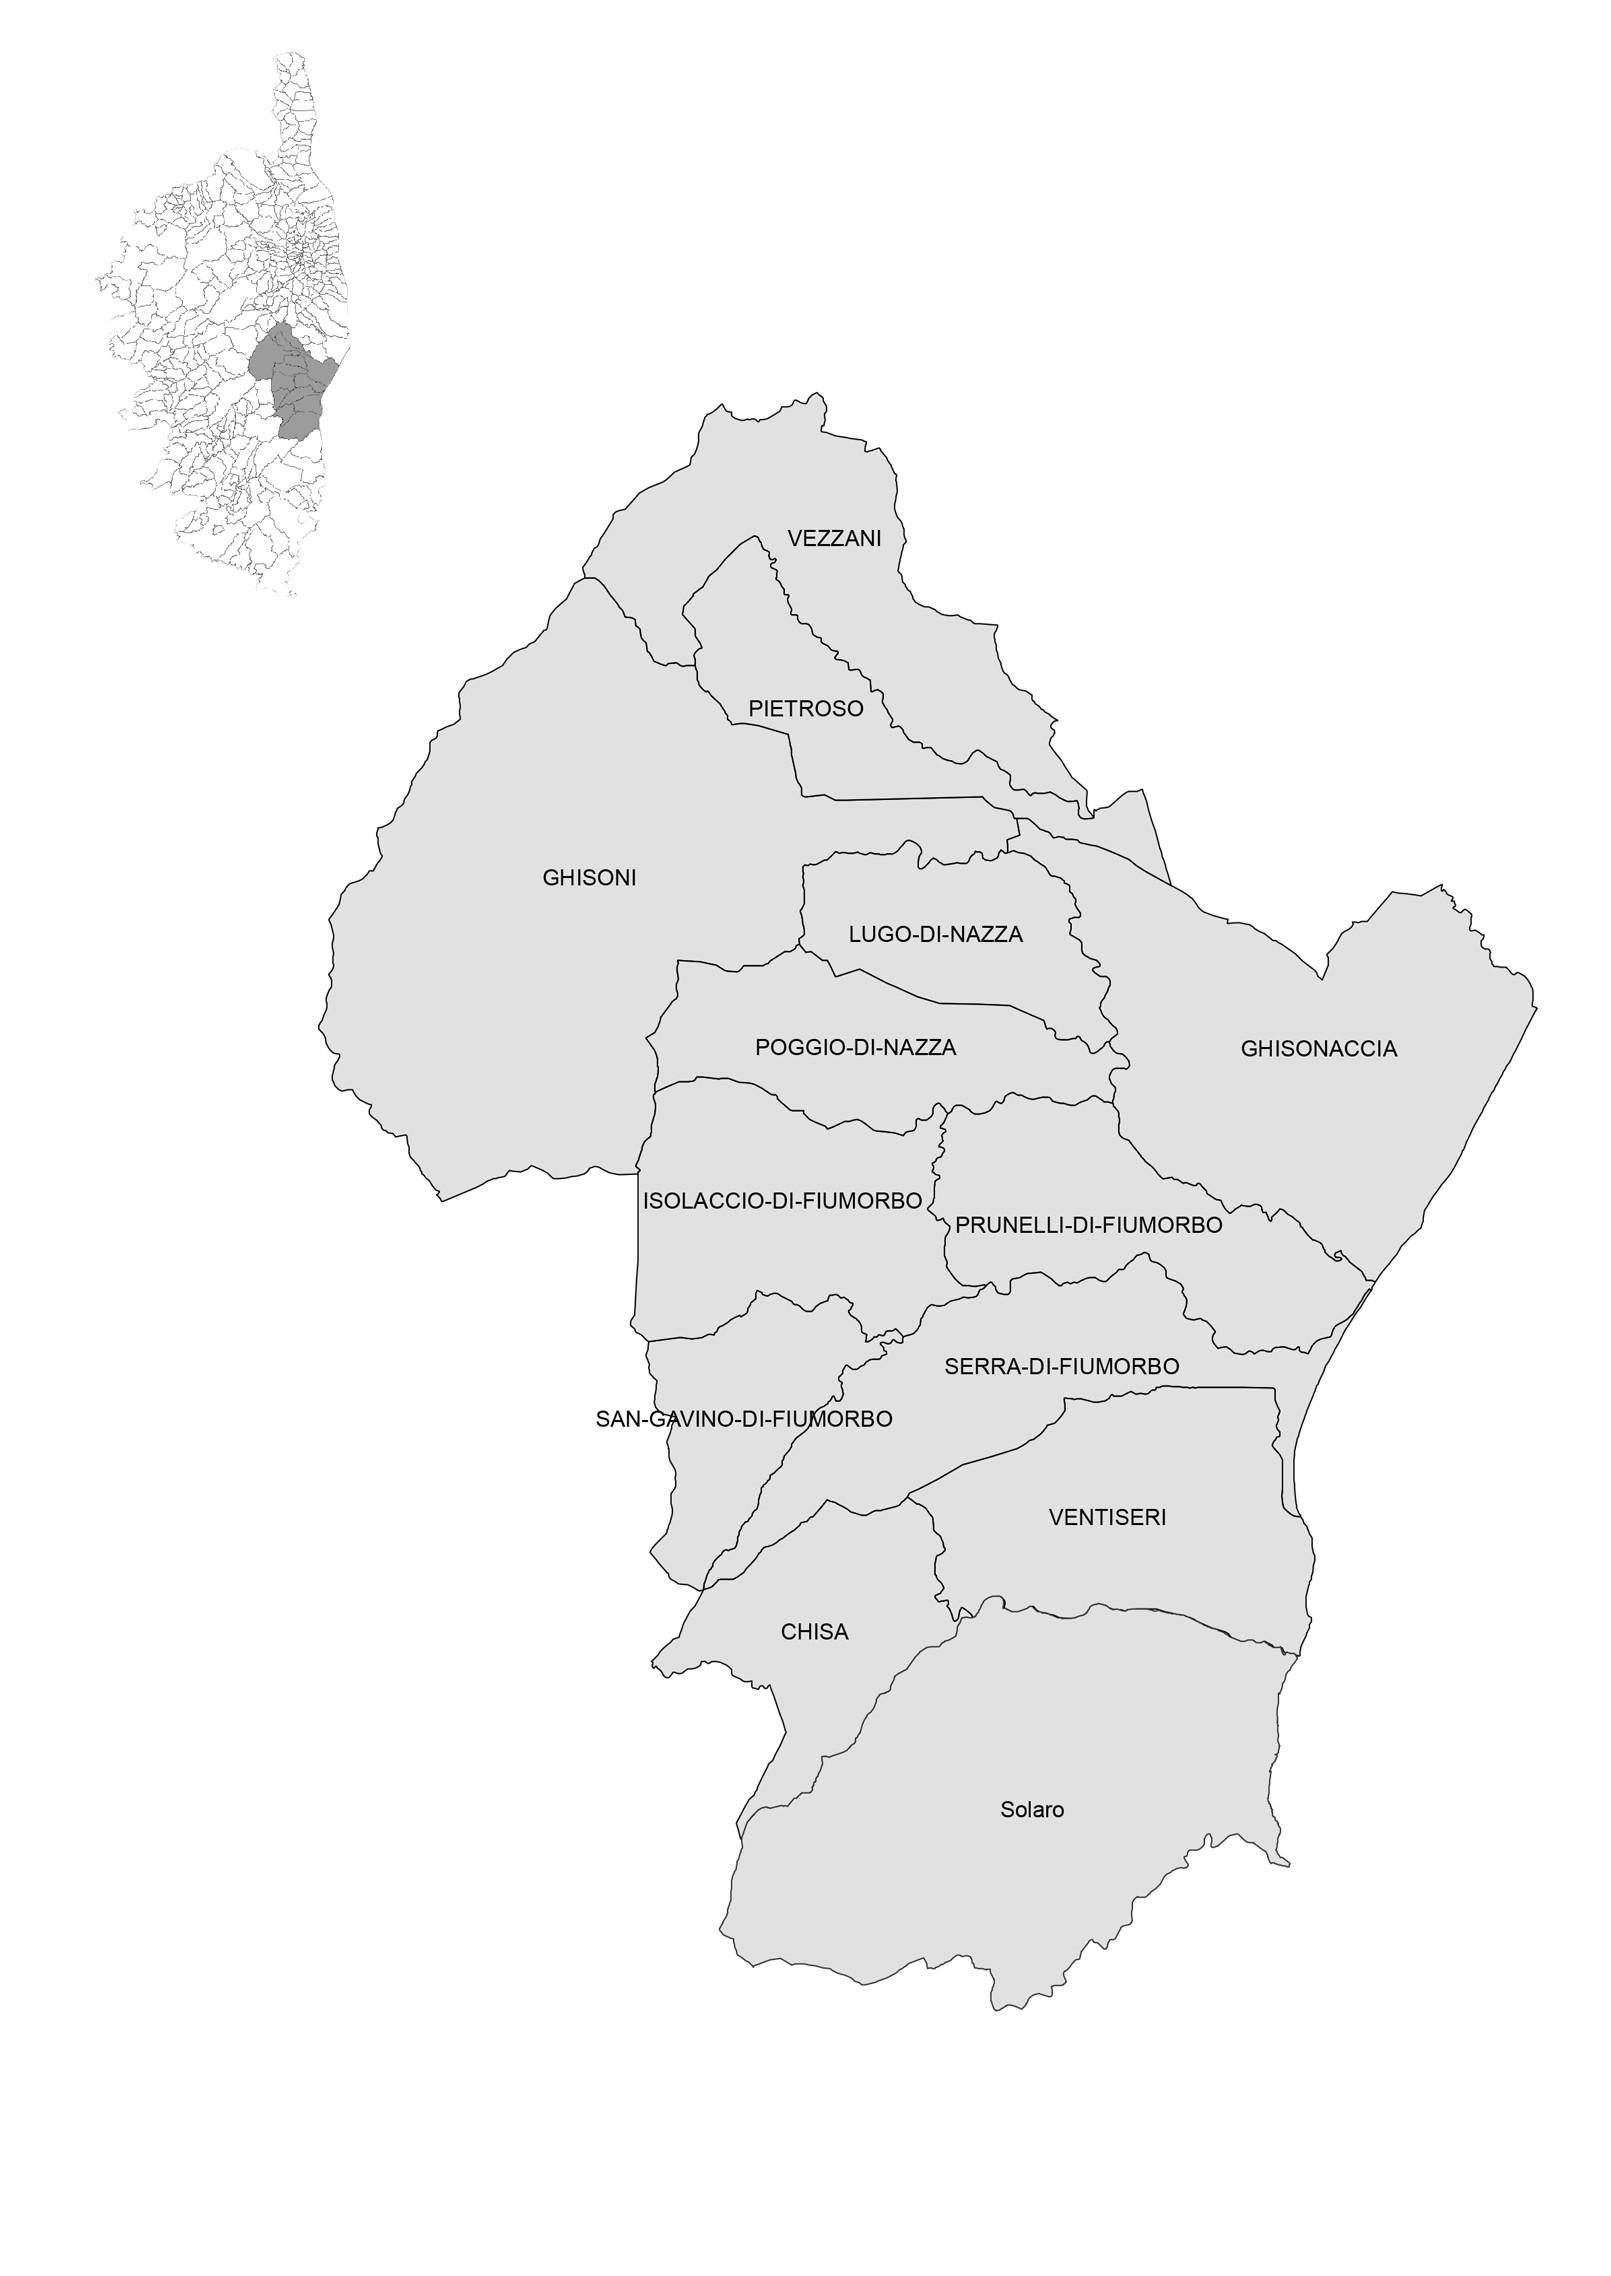 Les 13 communes de la ComCom. CLIQUEZ SUR L'IMAGE POUR AGRANDIR